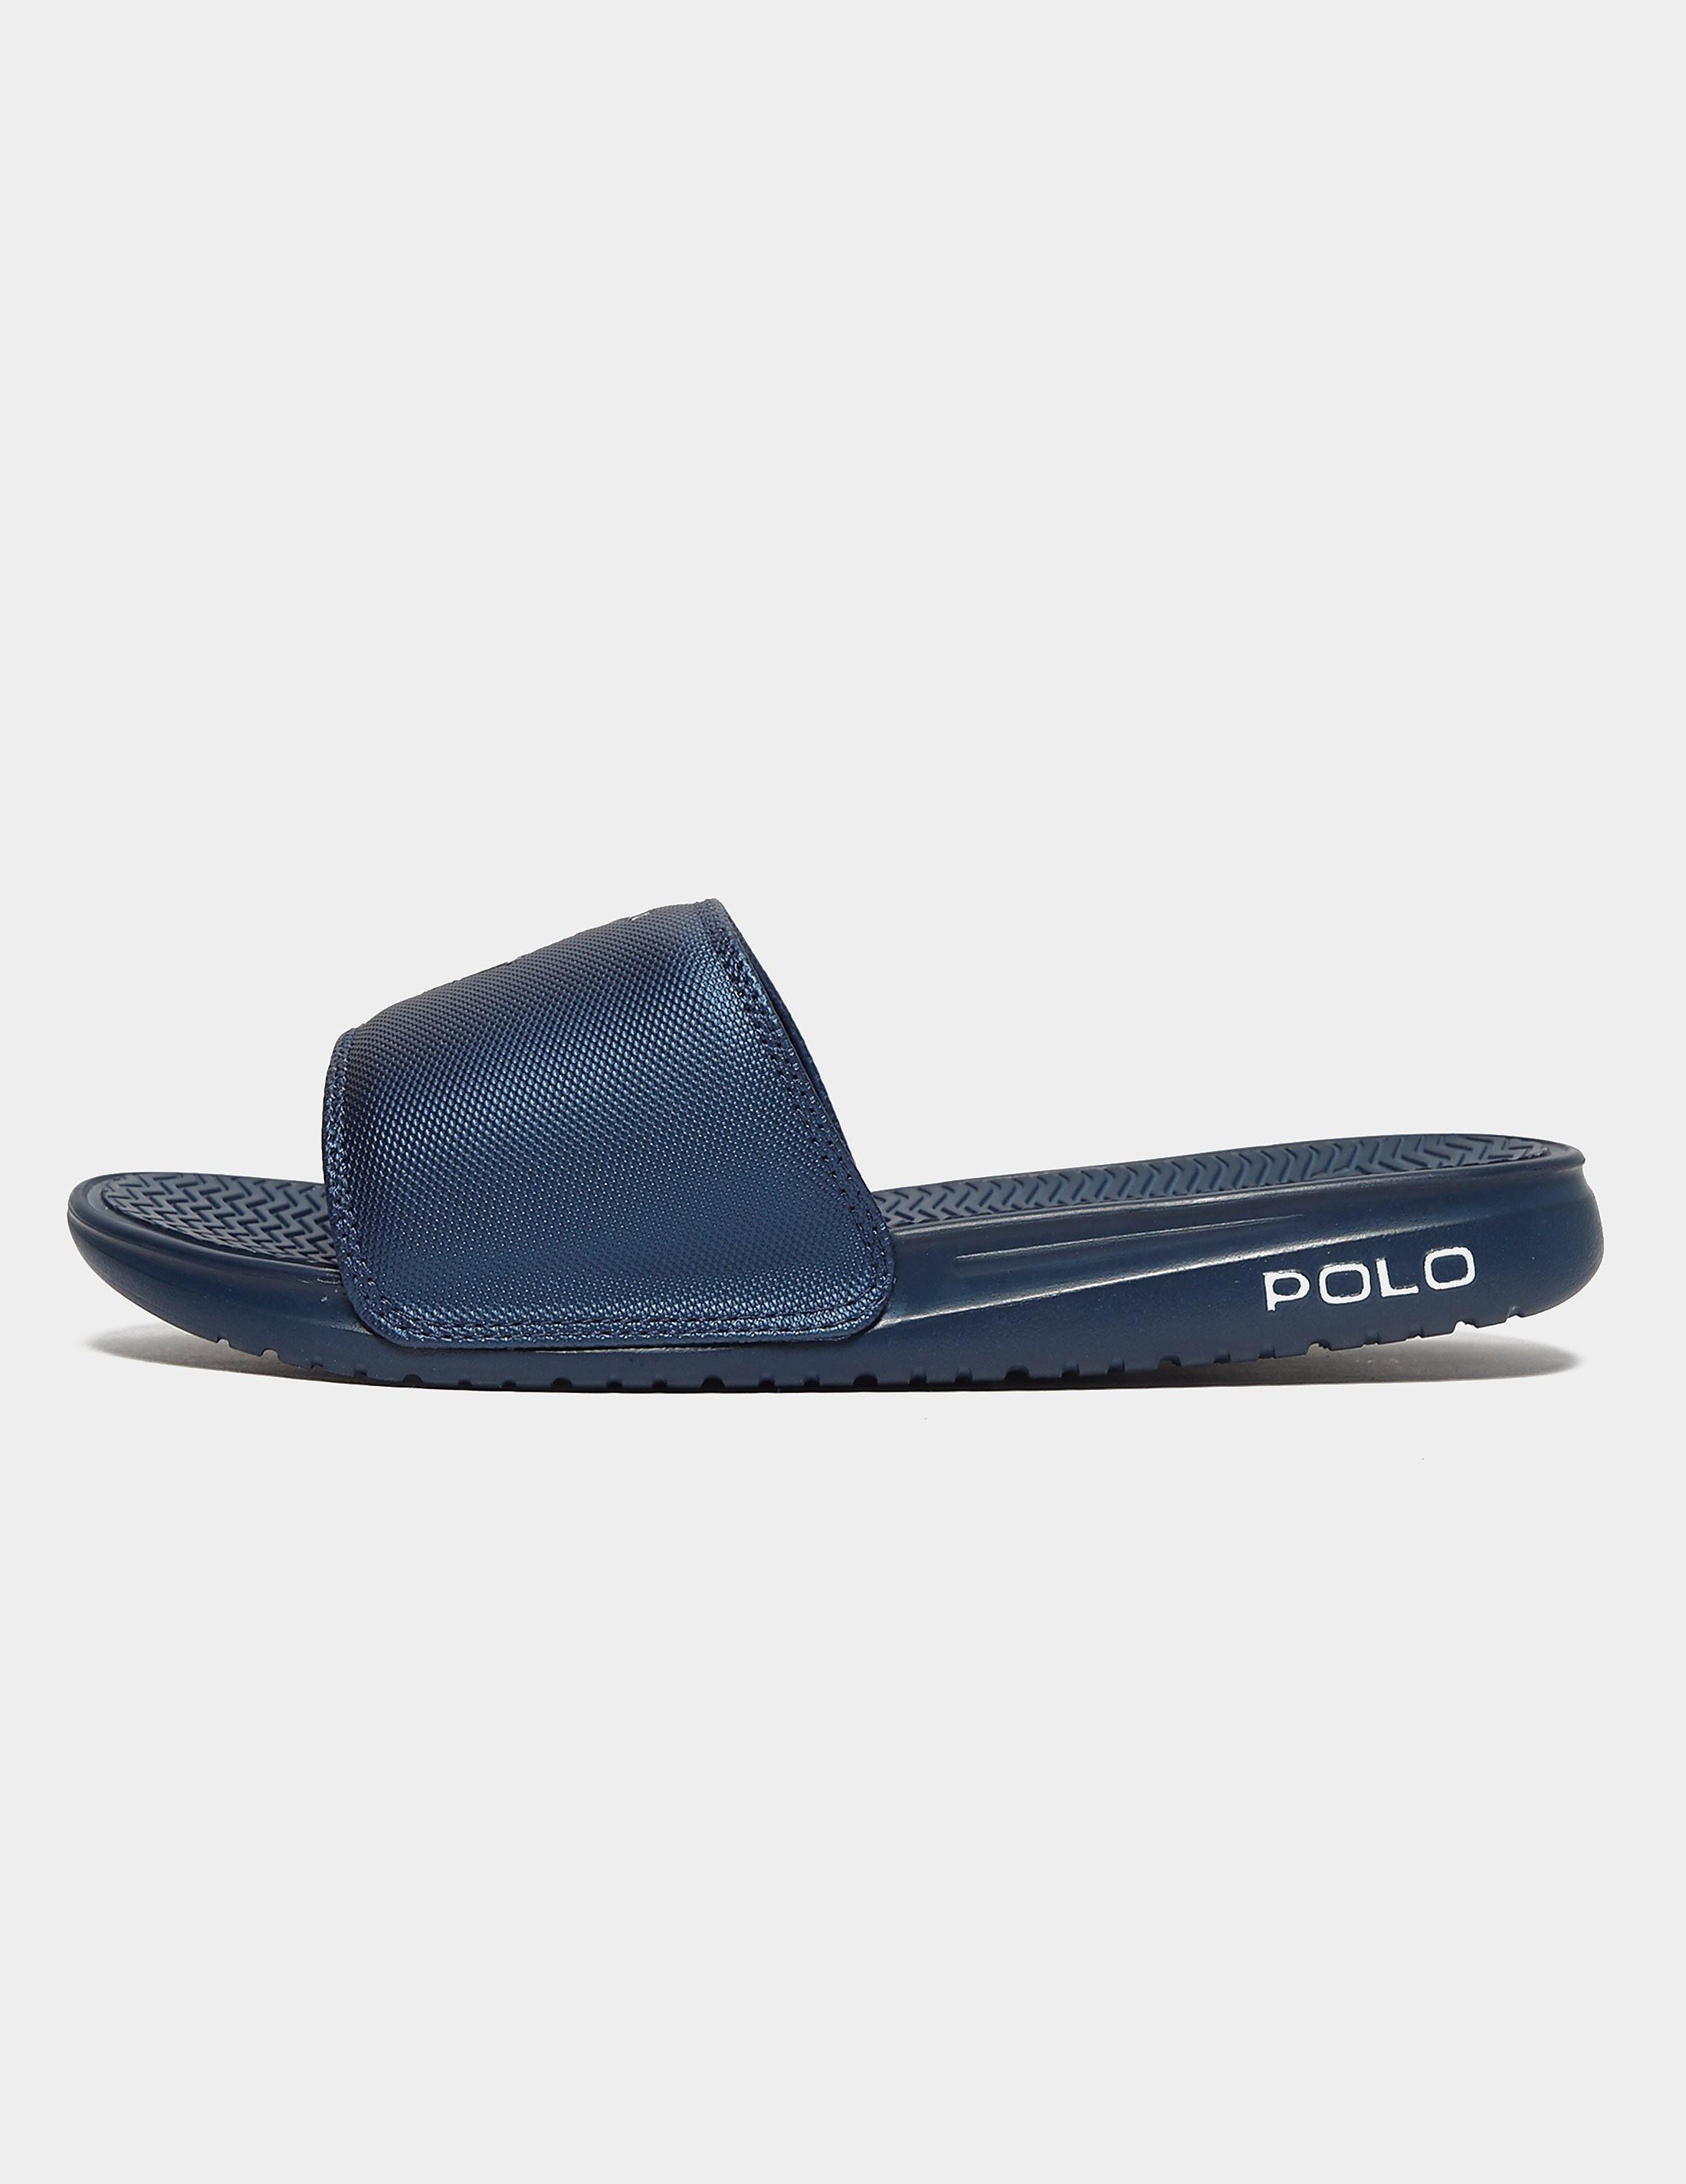 00e7b0d8b3b7 Mens Polo Ralph Lauren Rodwell Slides Navy blue